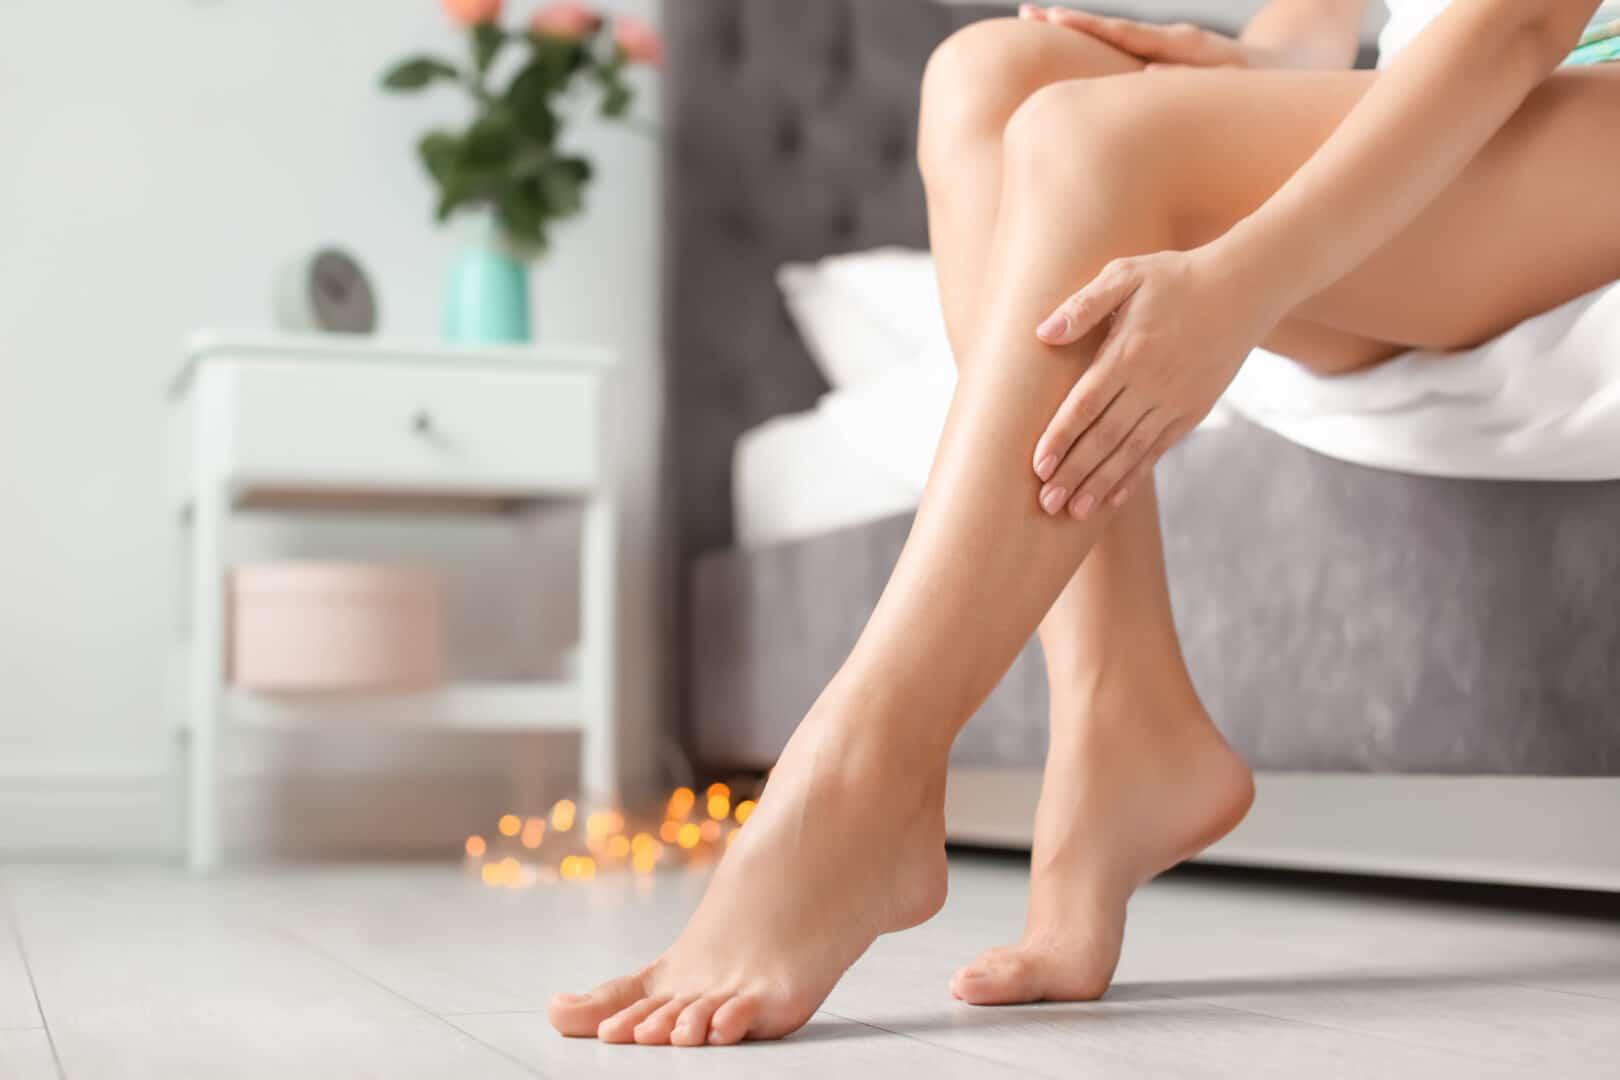 Tør hud på benene